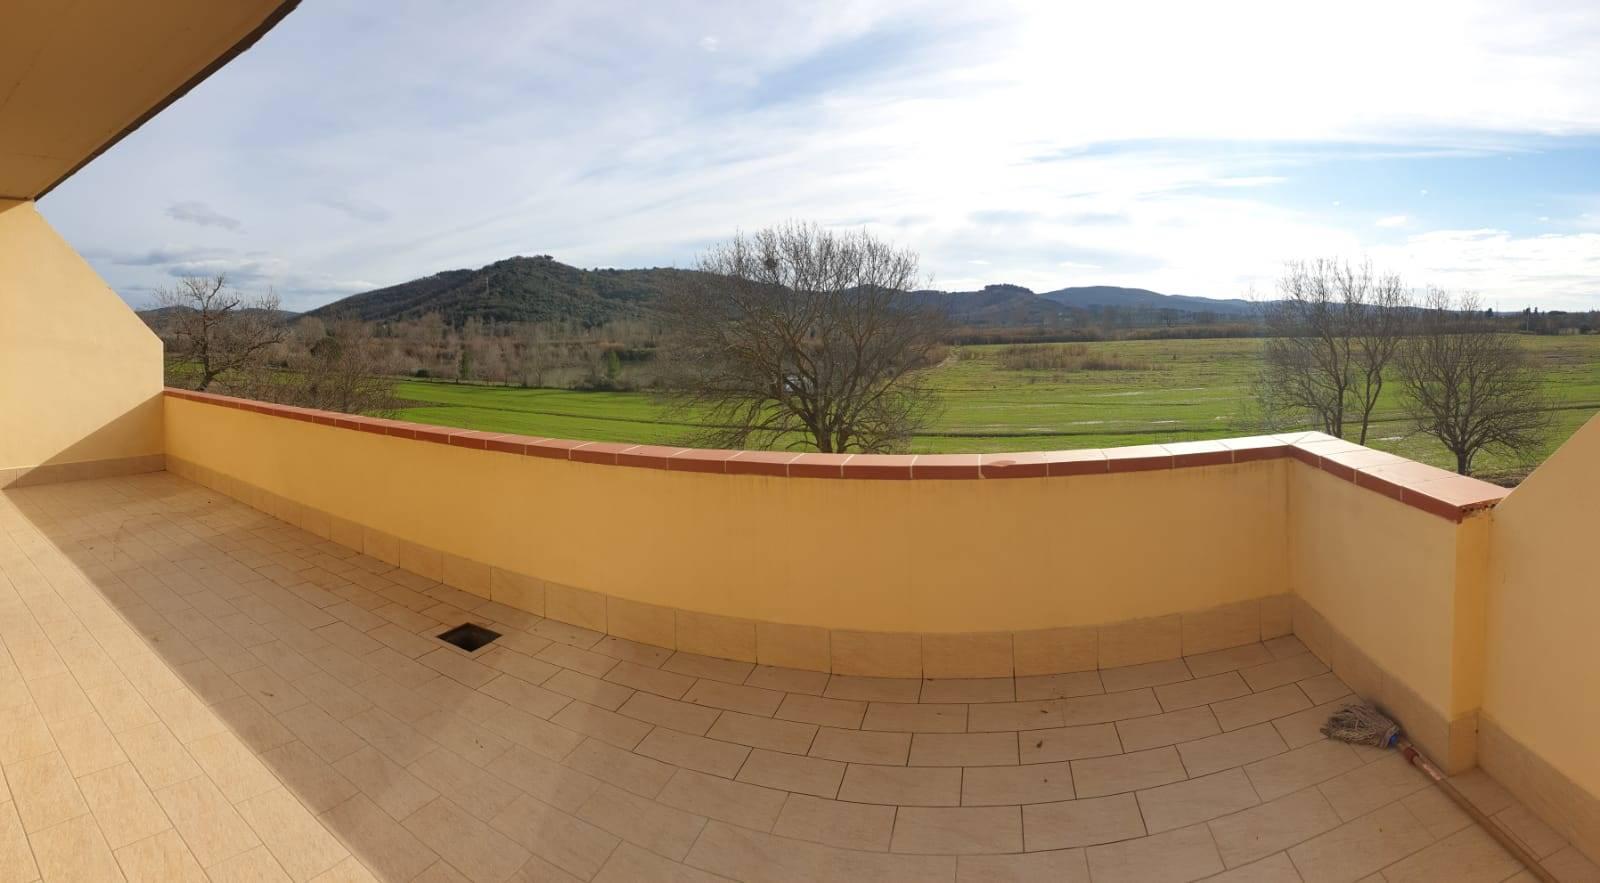 Appartamento in vendita a Suvereto, 3 locali, zona Località: FORNI, prezzo € 173.000   PortaleAgenzieImmobiliari.it